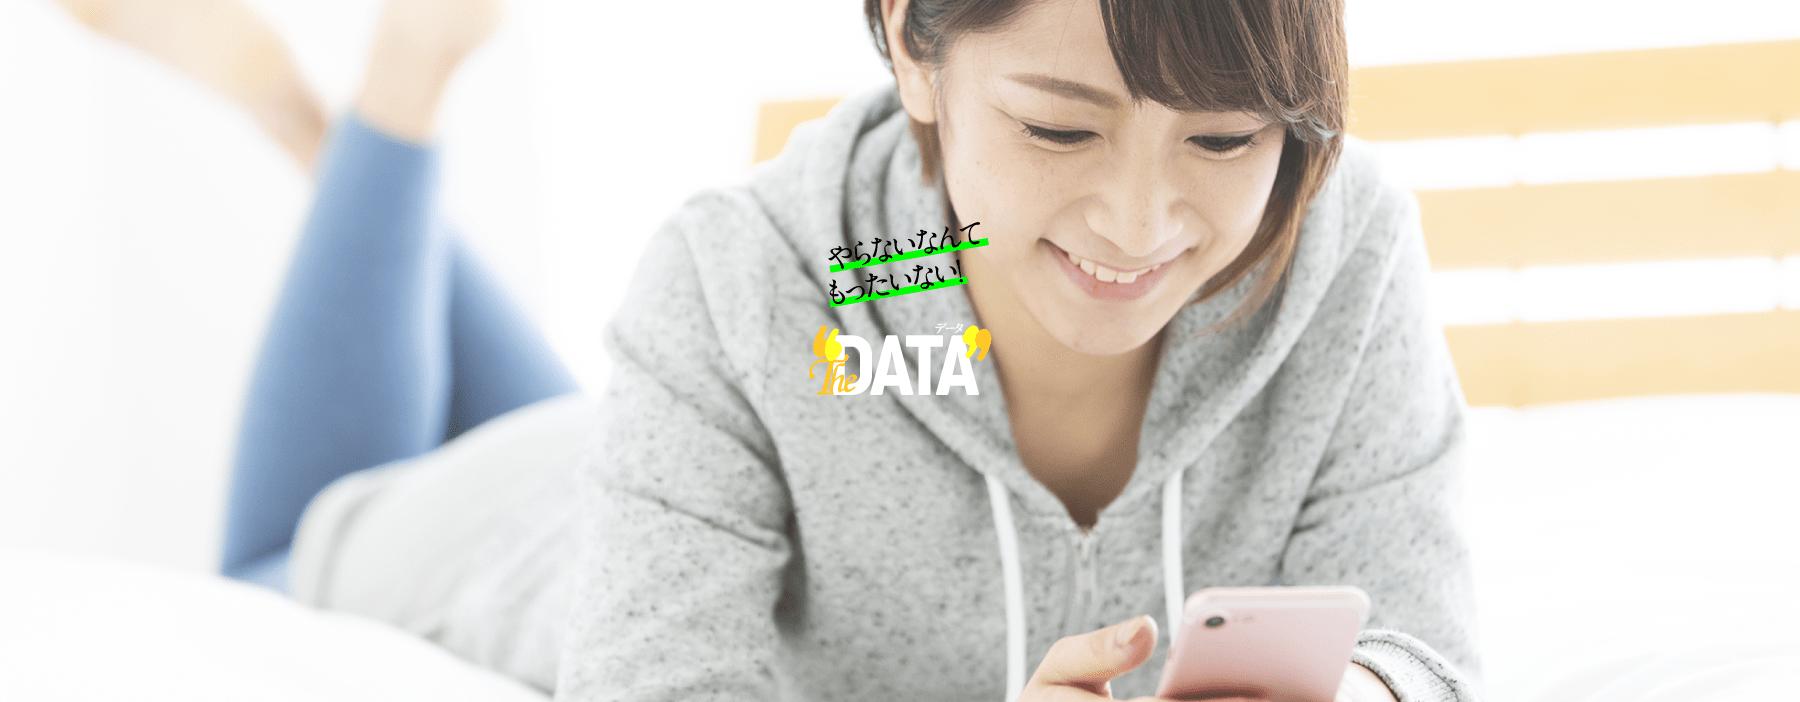 副業 Data DATA副業 知恵袋 詐欺の可能性はあるか情報収集してみた